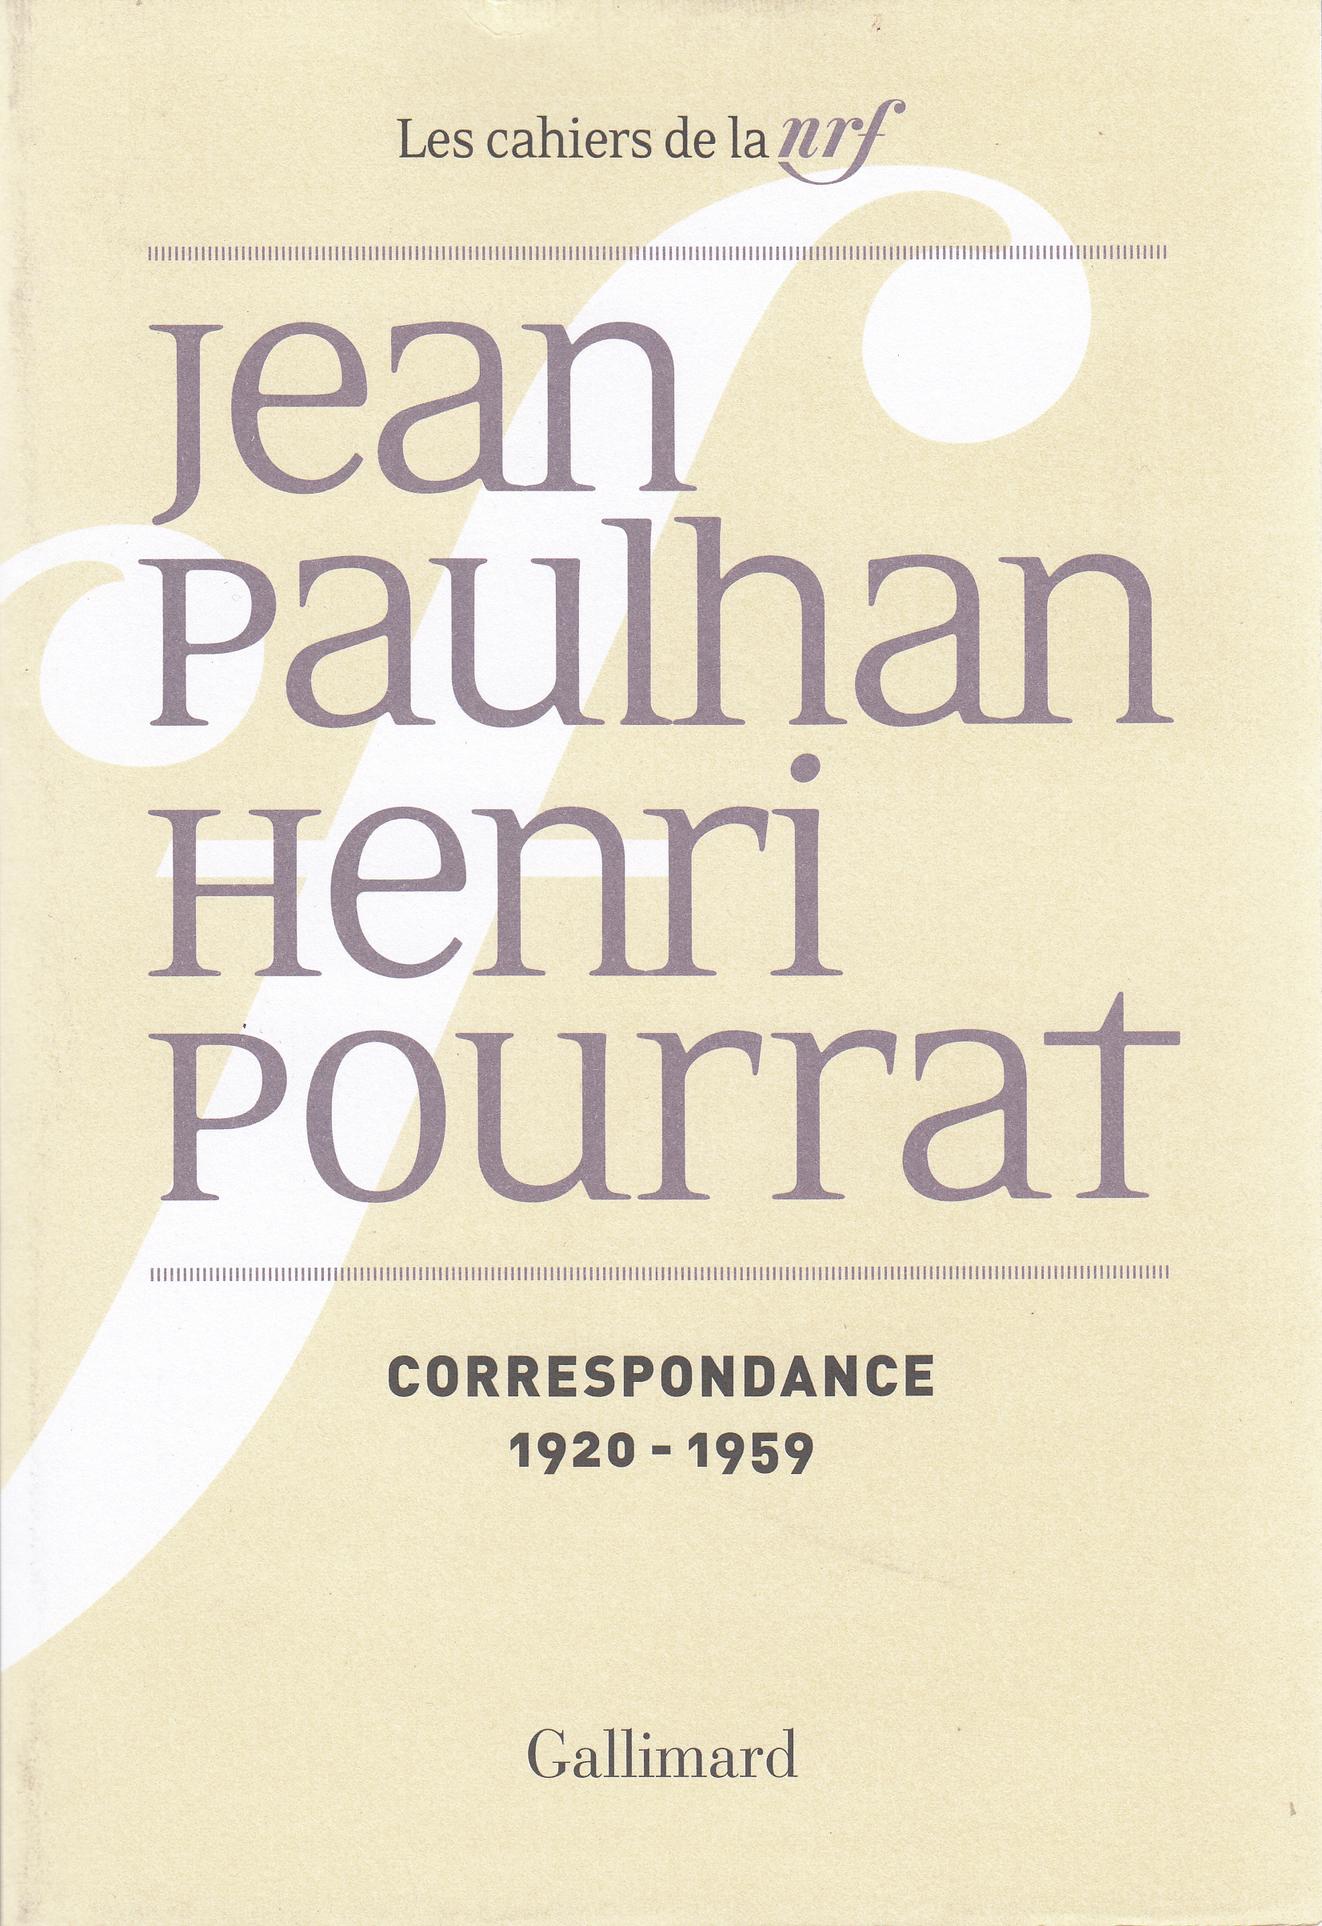 J. Paulhan, H. Pourrat, Correspondance (1920-1959)